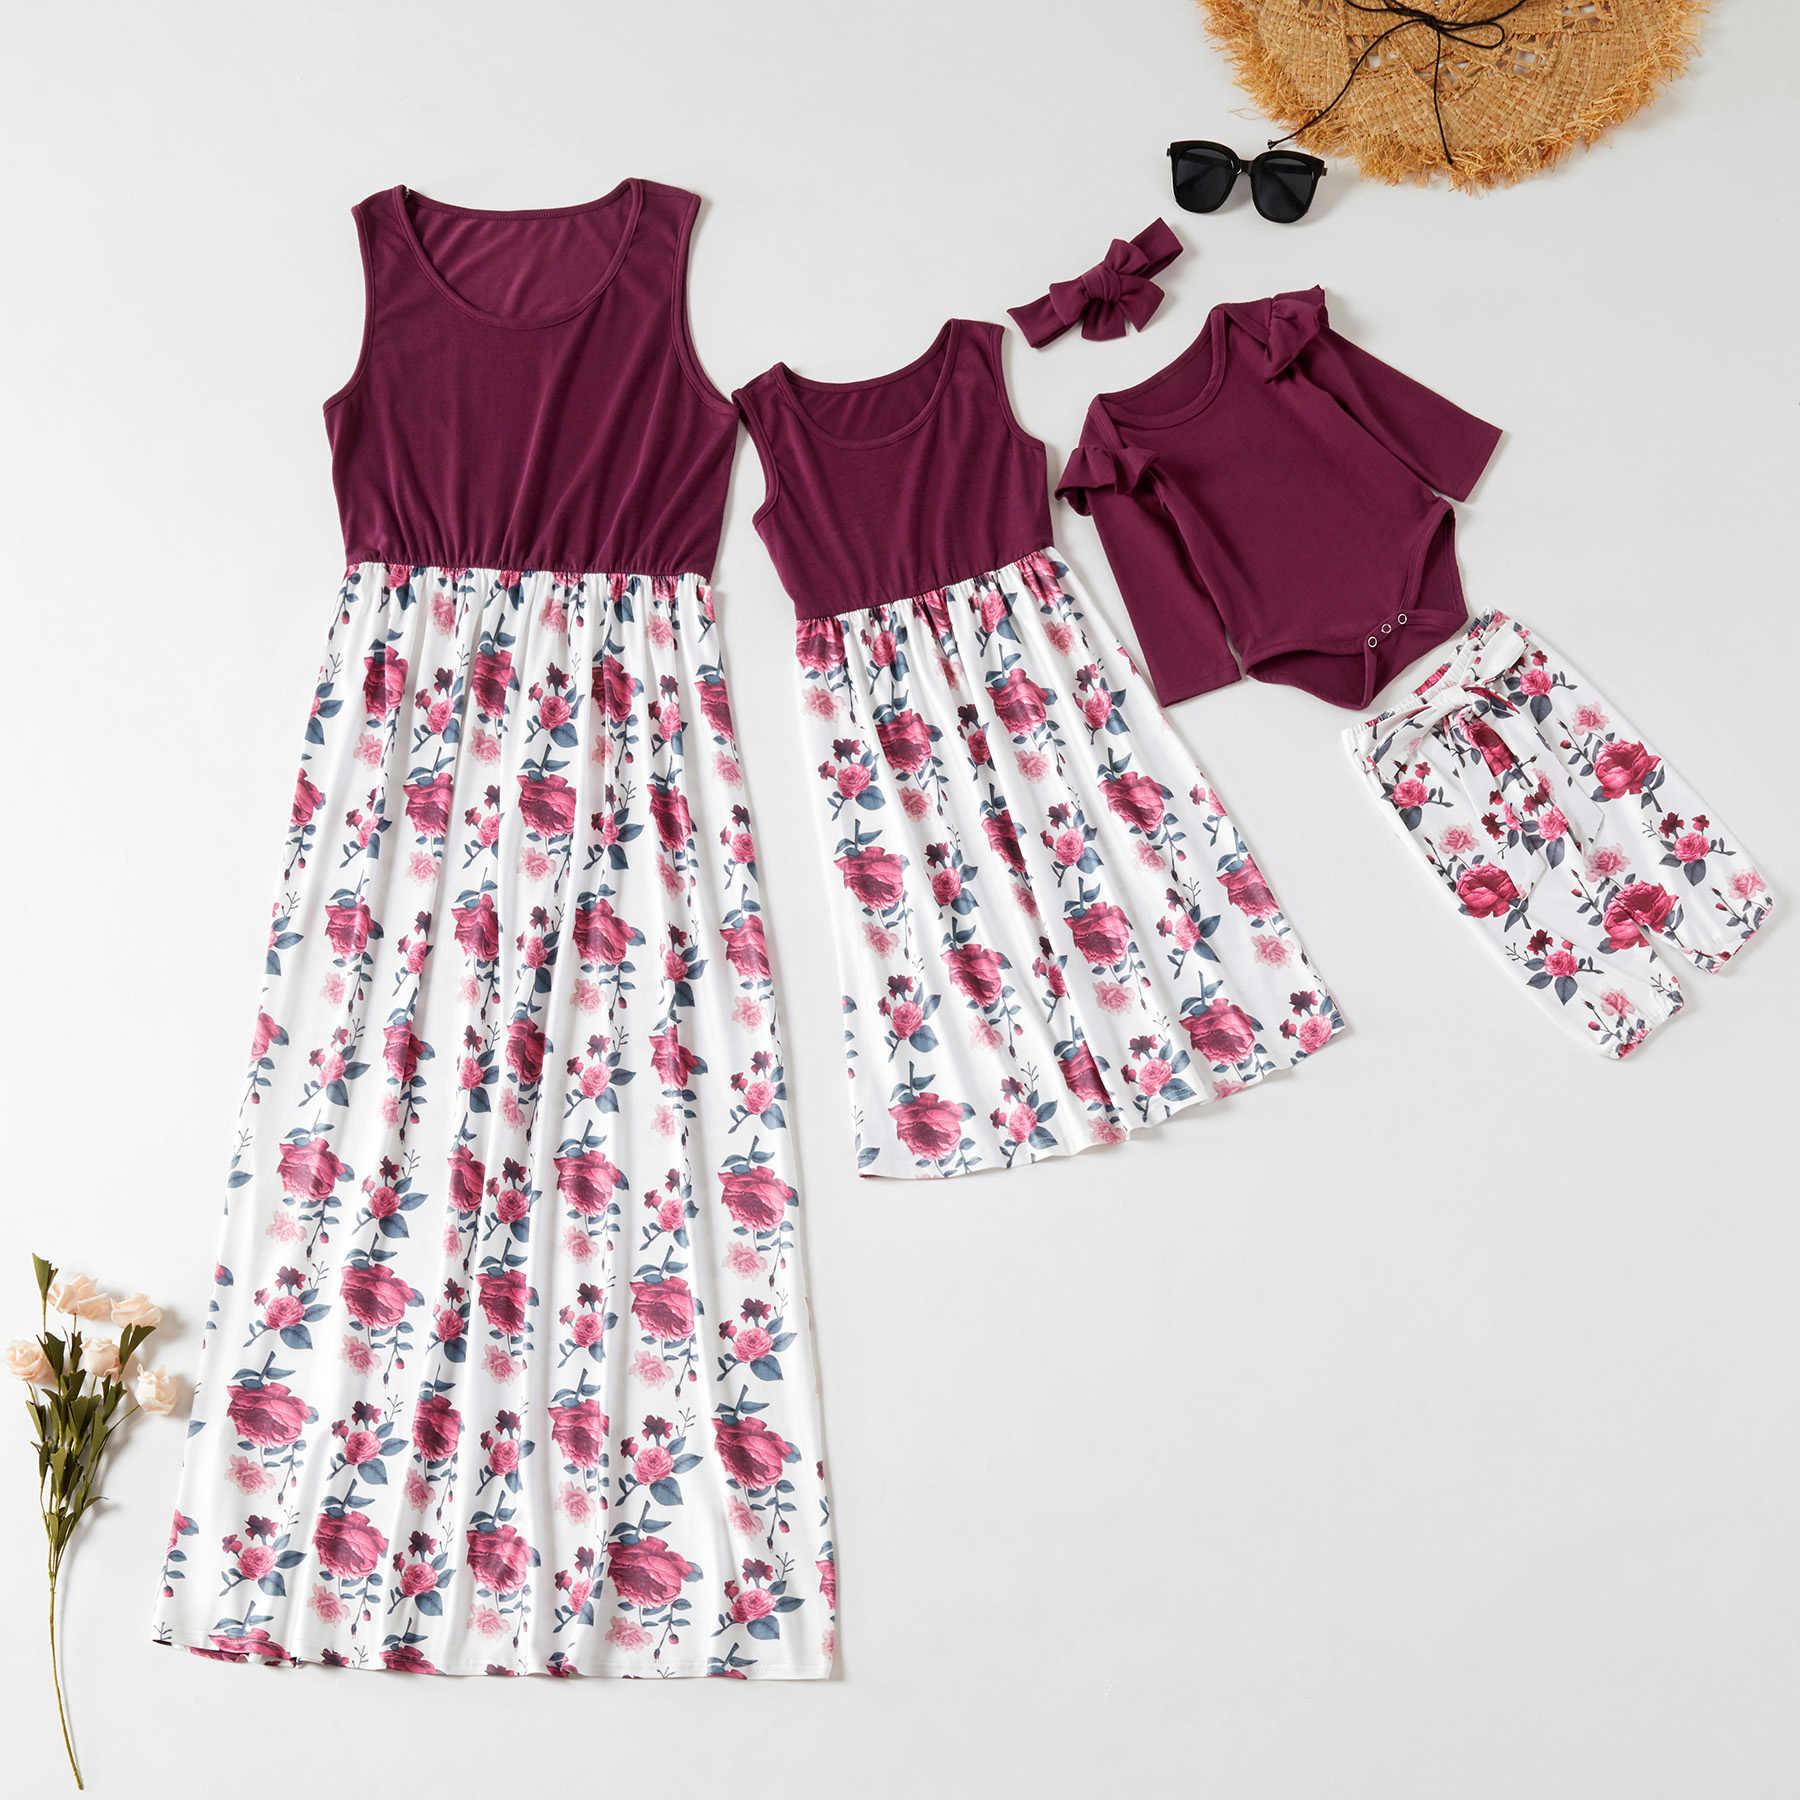 Matka córka kamizelka sukienki ubrania mama i ja jednakowe stroje rodzinne wygląd mama mama i dziewczęta sukienka baby romper + spodnie